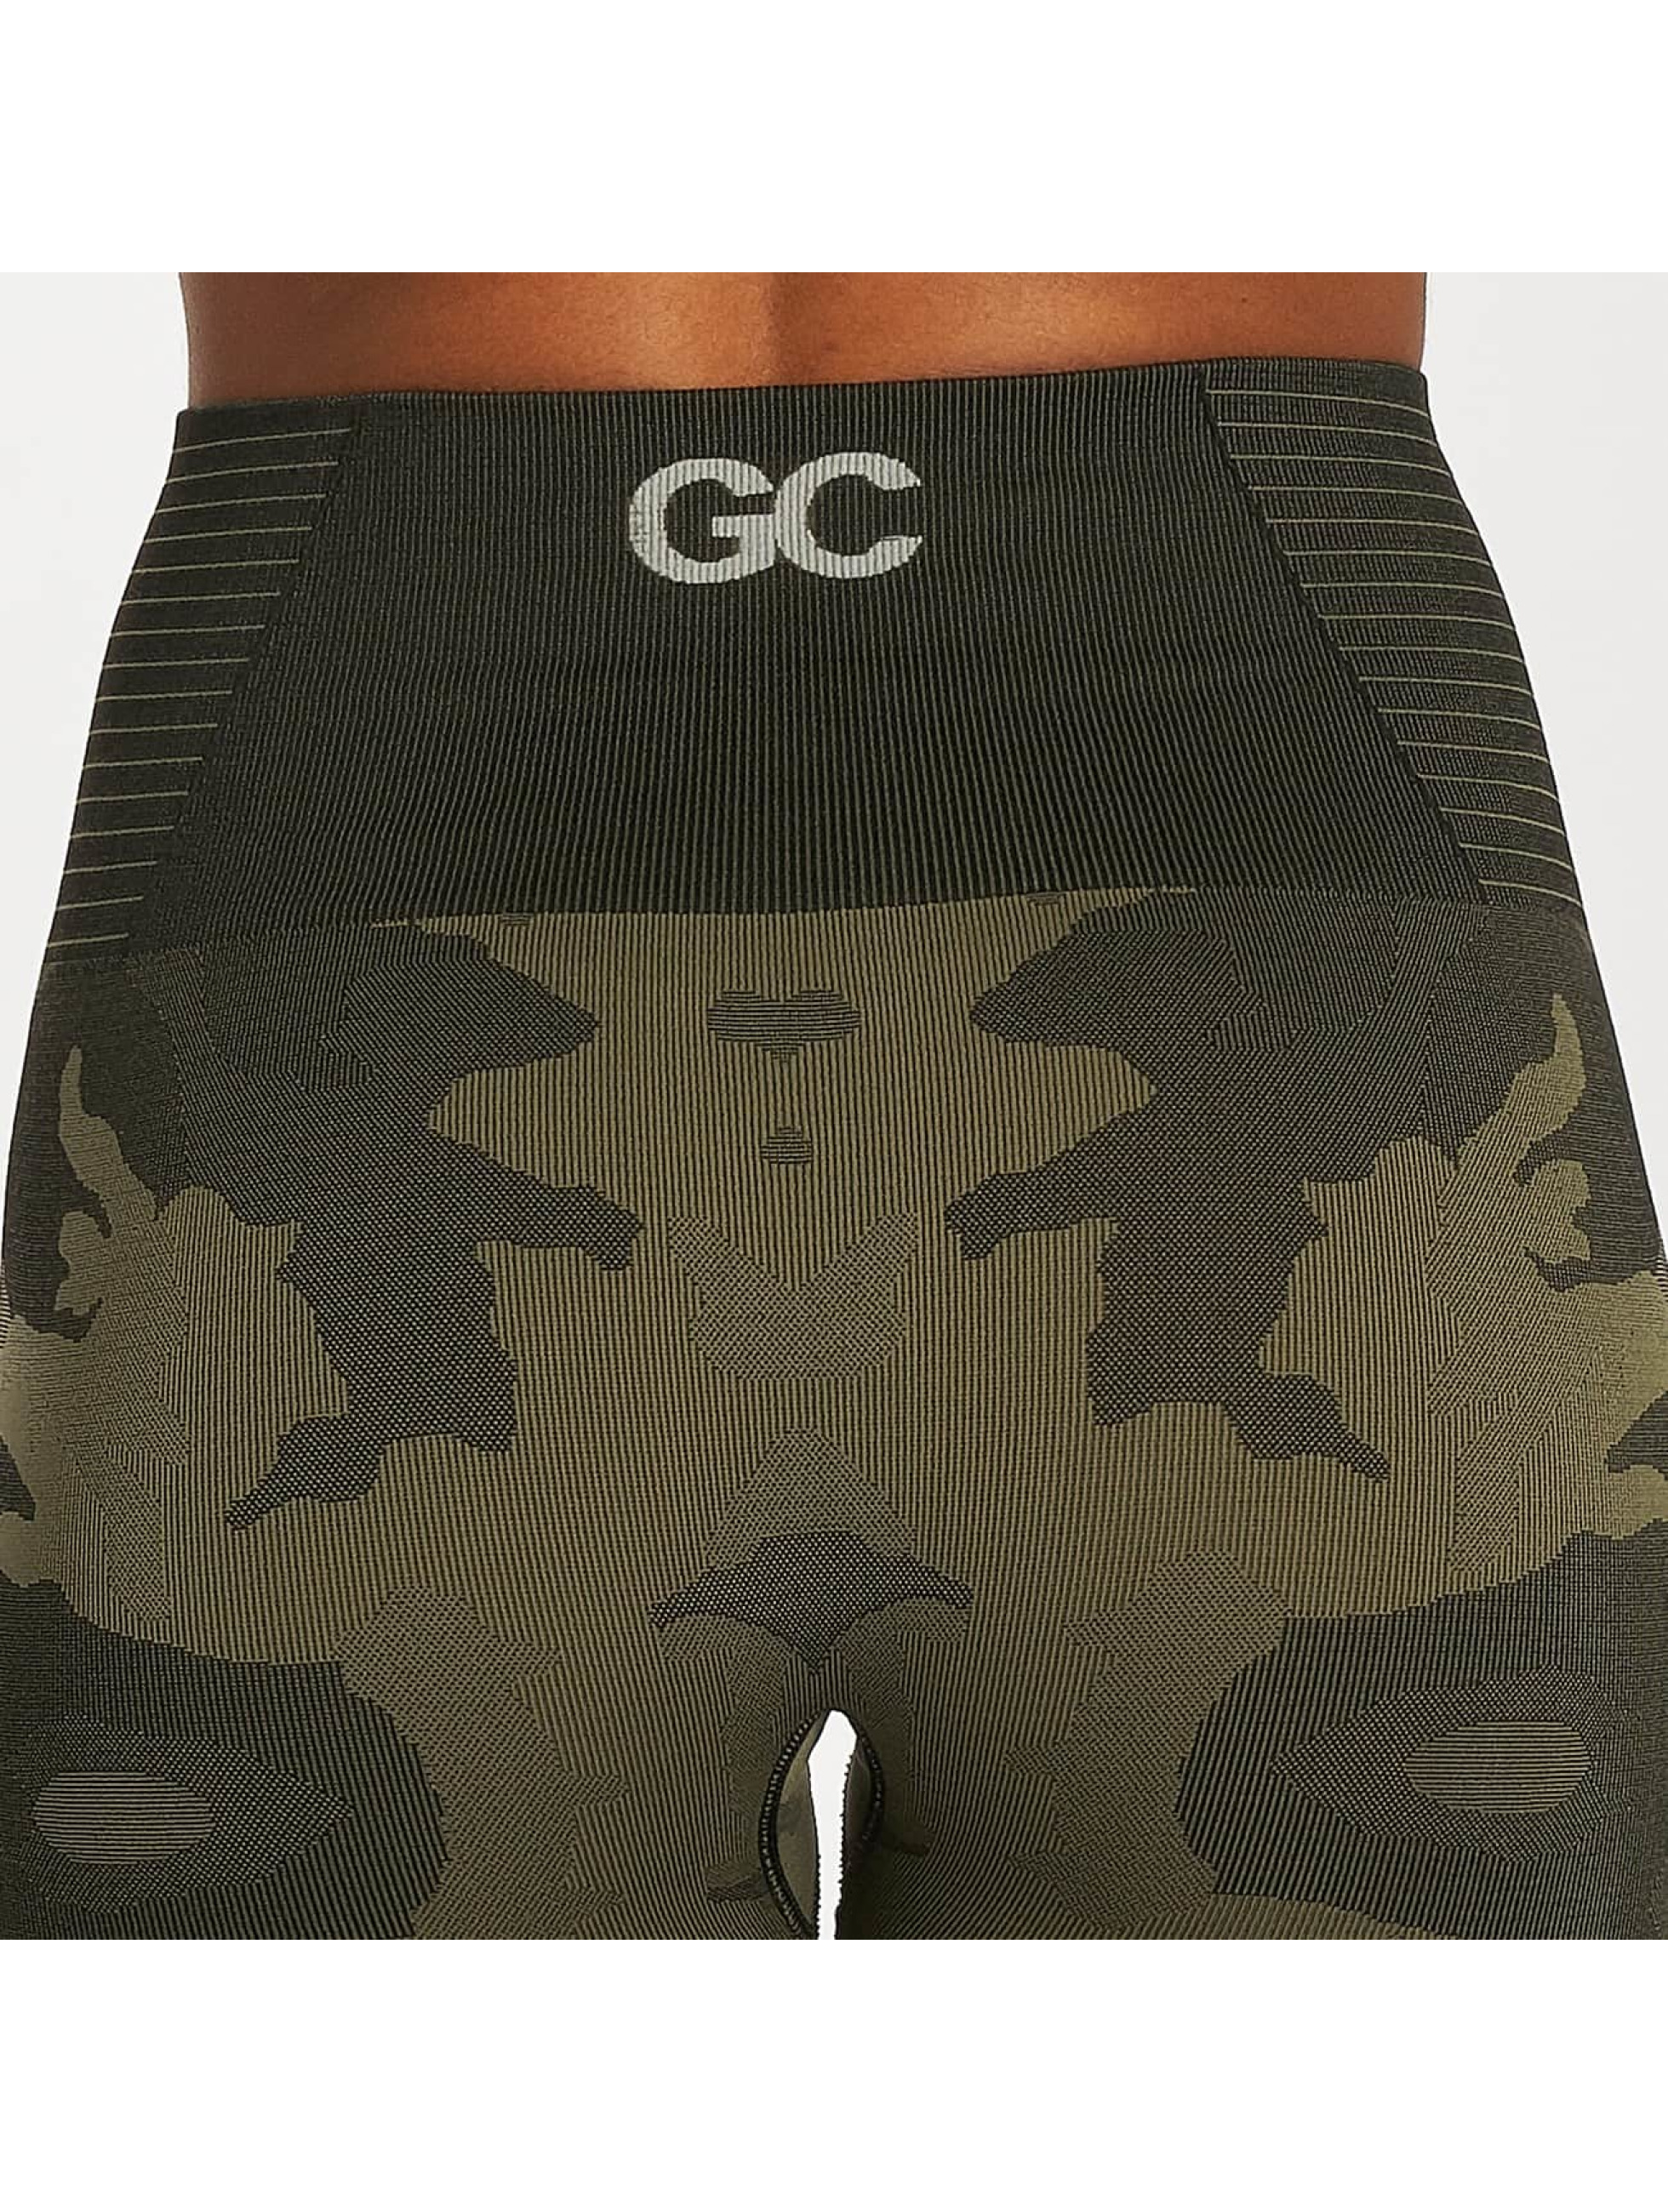 GymCodes Legging/Tregging Flex High-Waist camouflage